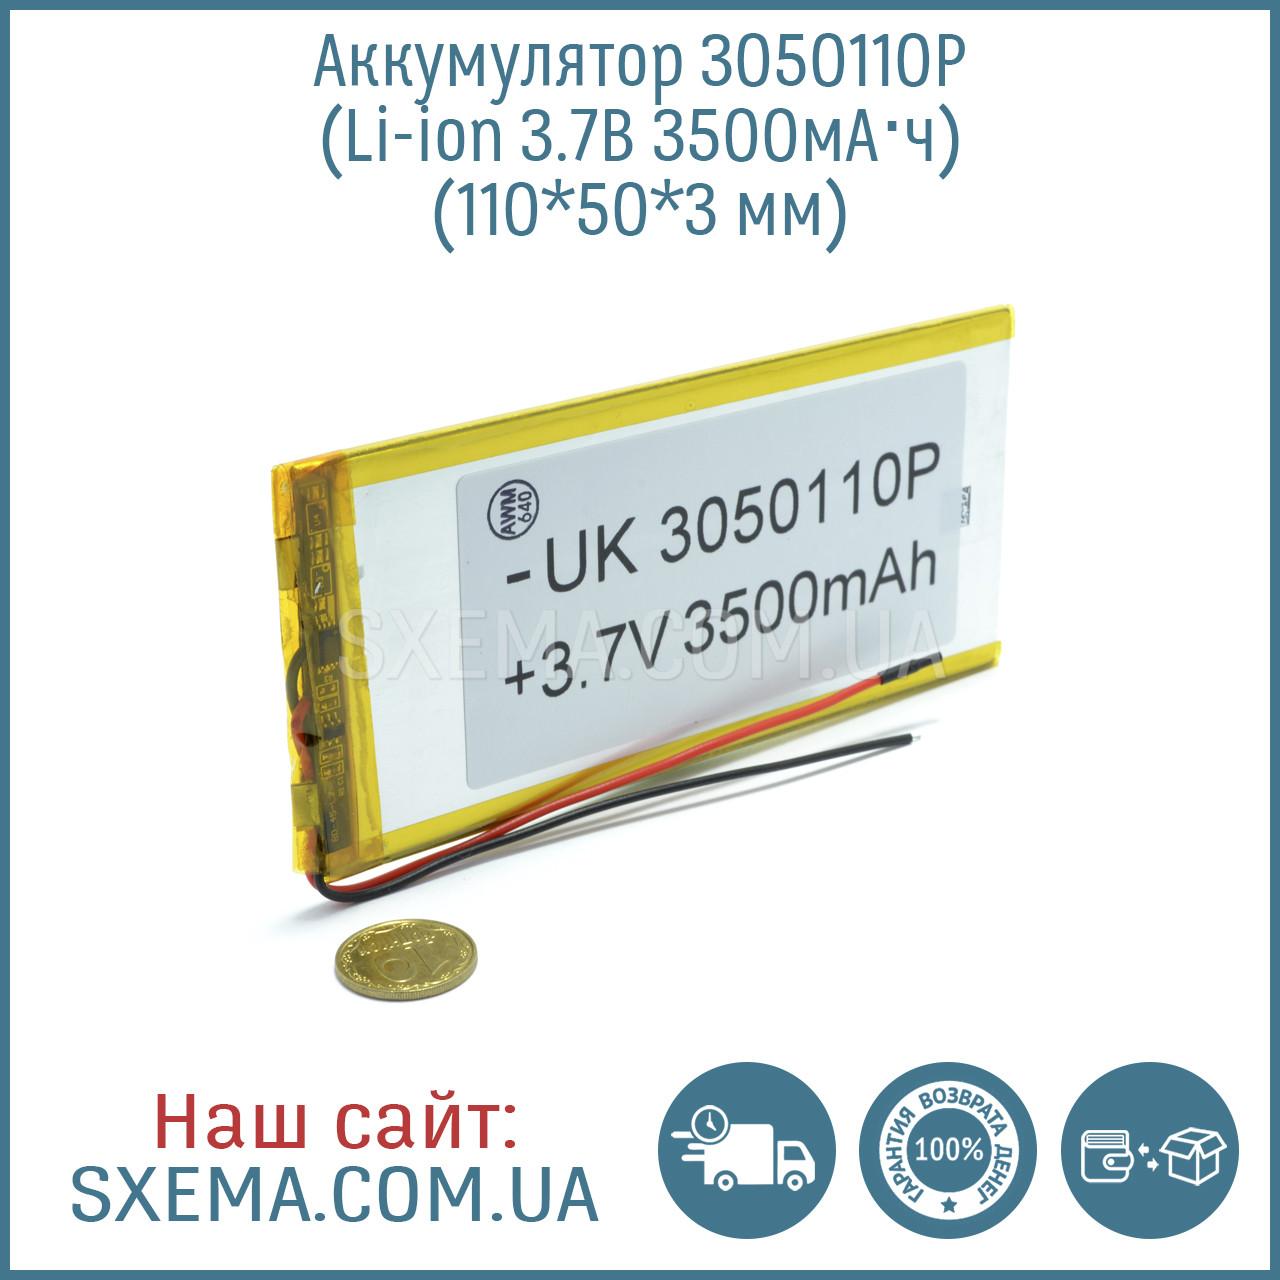 Аккумулятор универсальный 3050110 (Li-ion 3.7В 3500мА·ч), (110*50*3 мм)